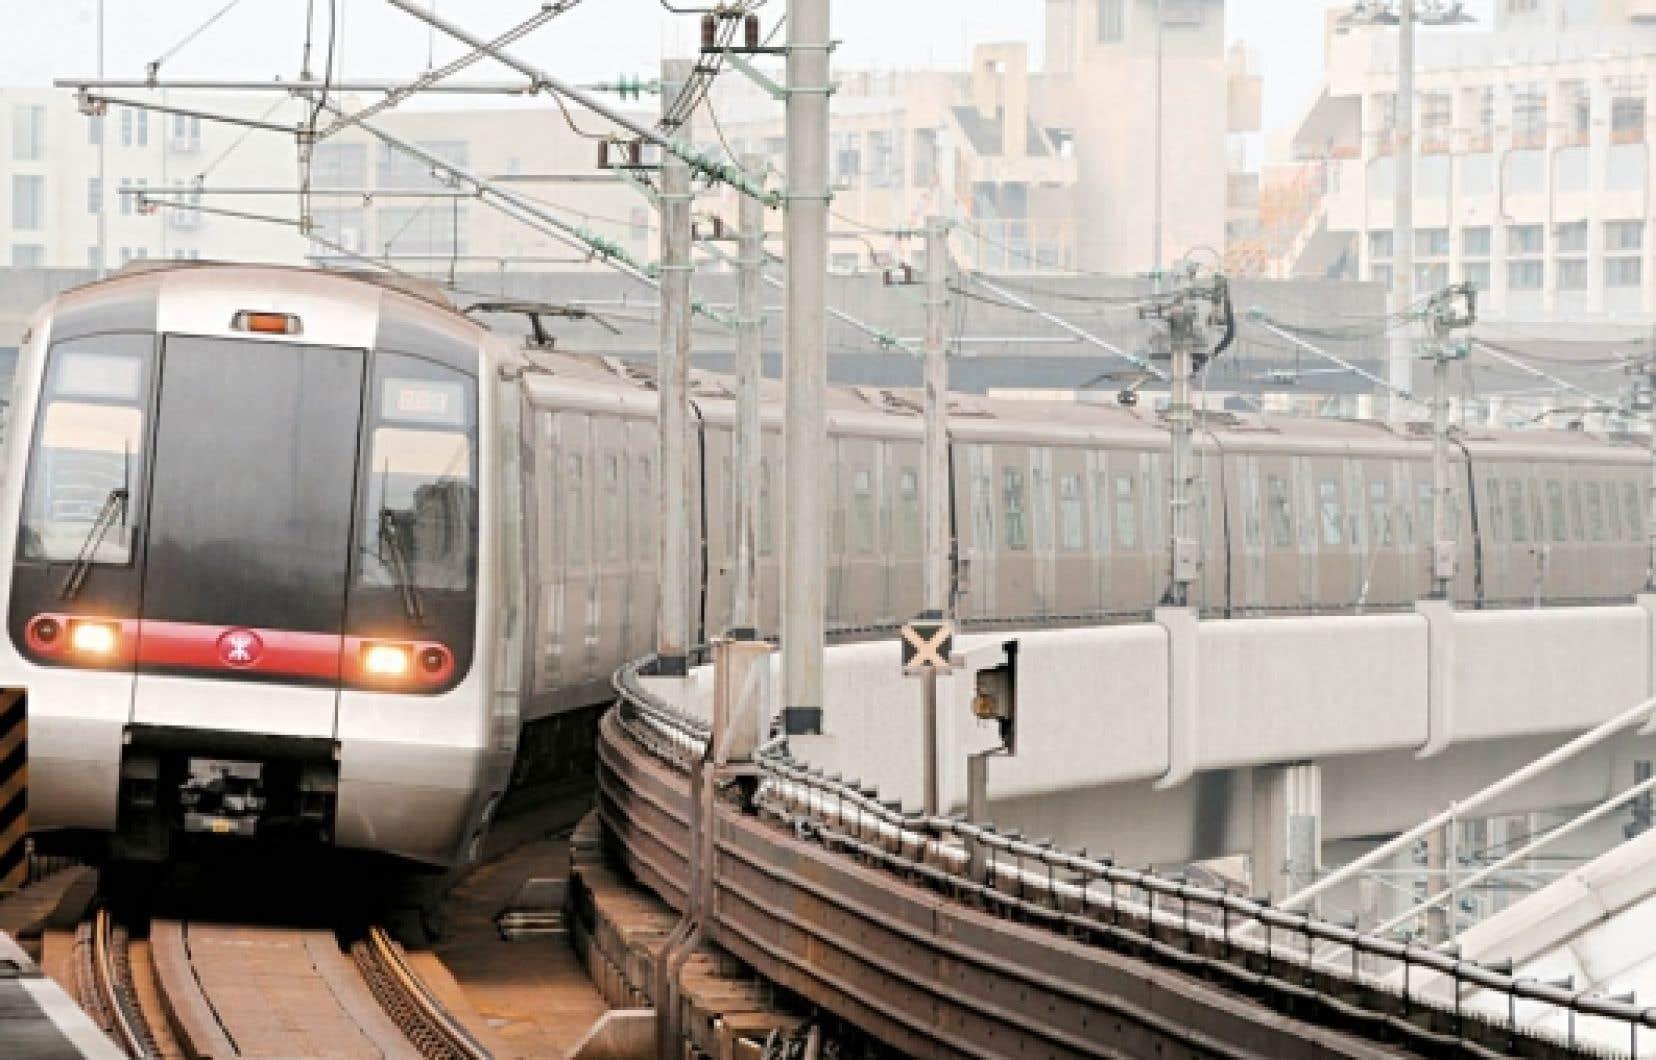 Selon un rapport de la Banque mondiale, la Chine développe l'une des industries ferroviaires les plus avancées au monde.